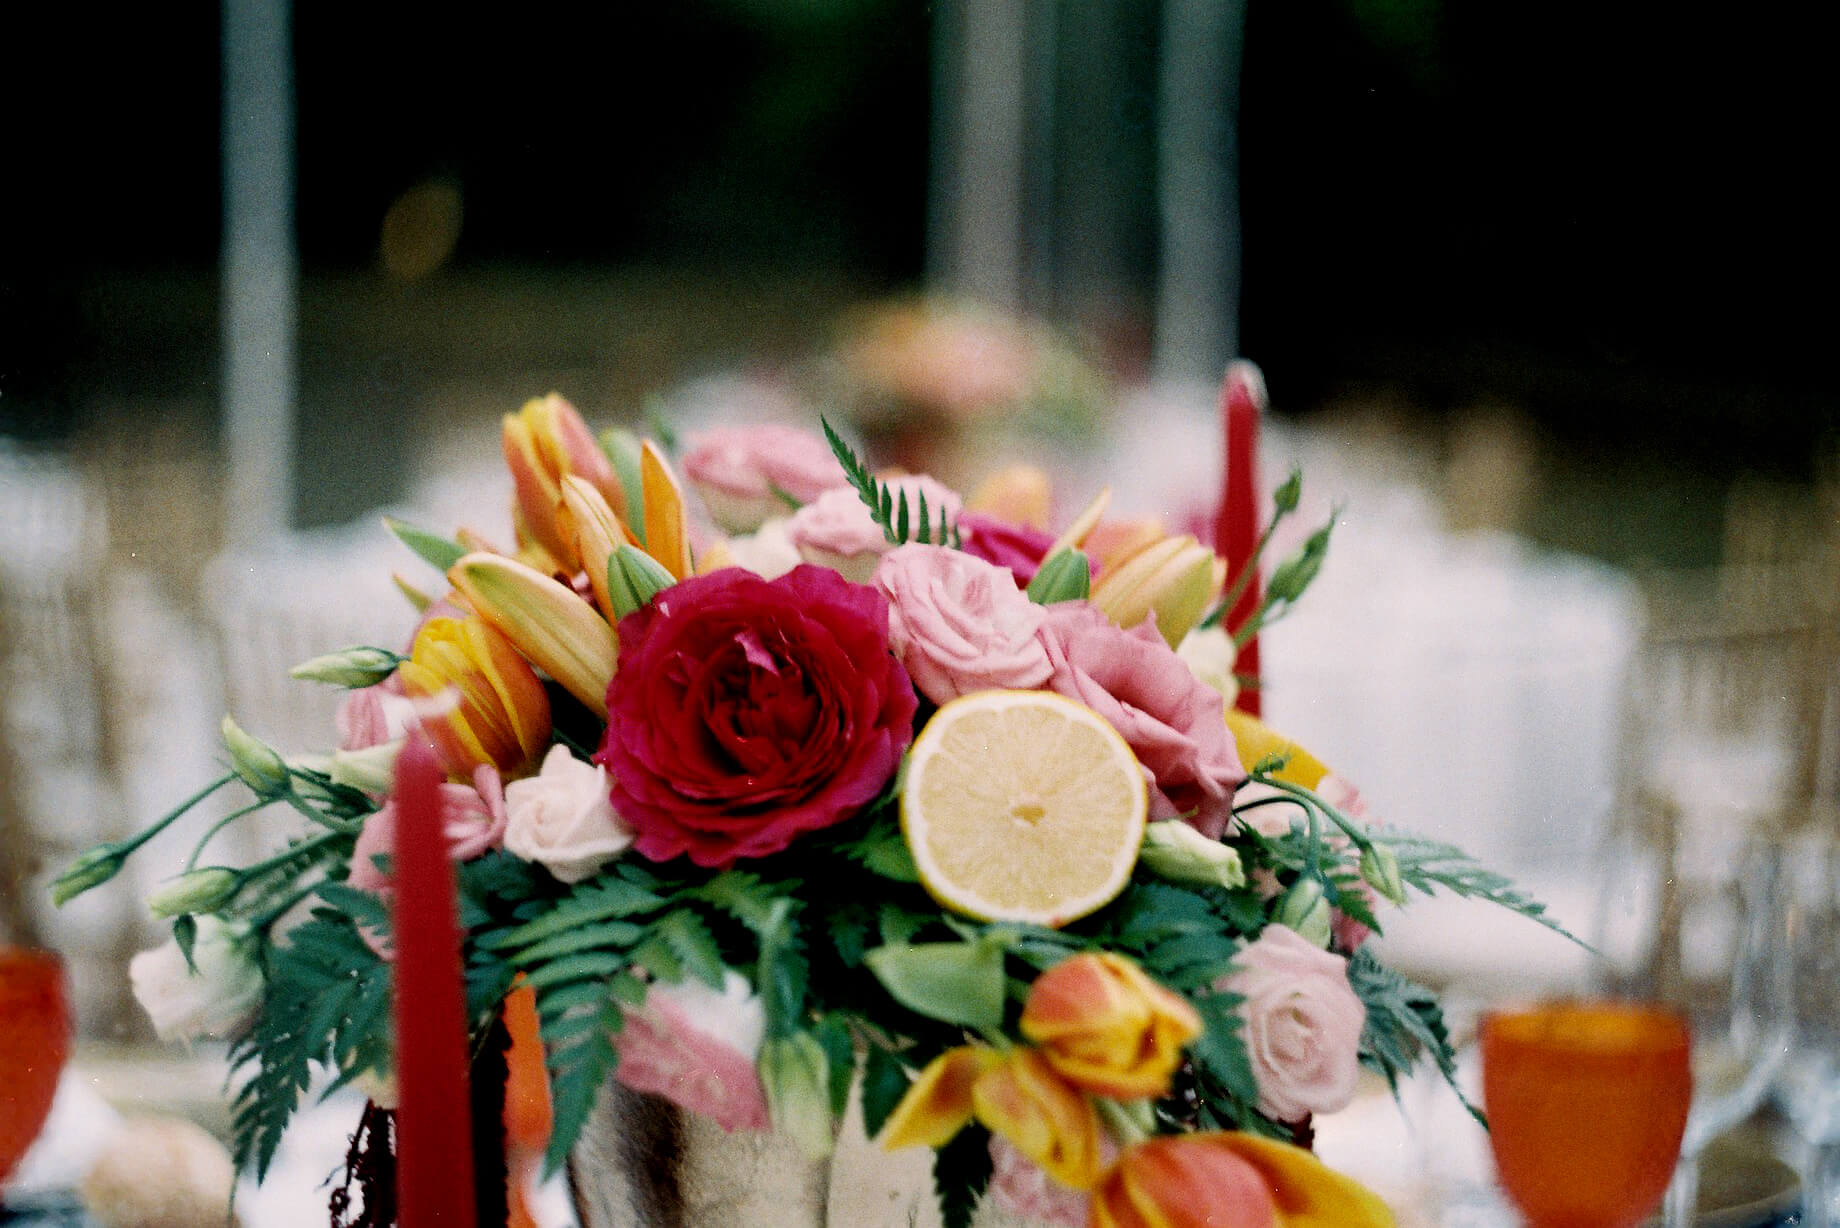 roma-organizacao-eventos-casamento-mariana-francisco-5